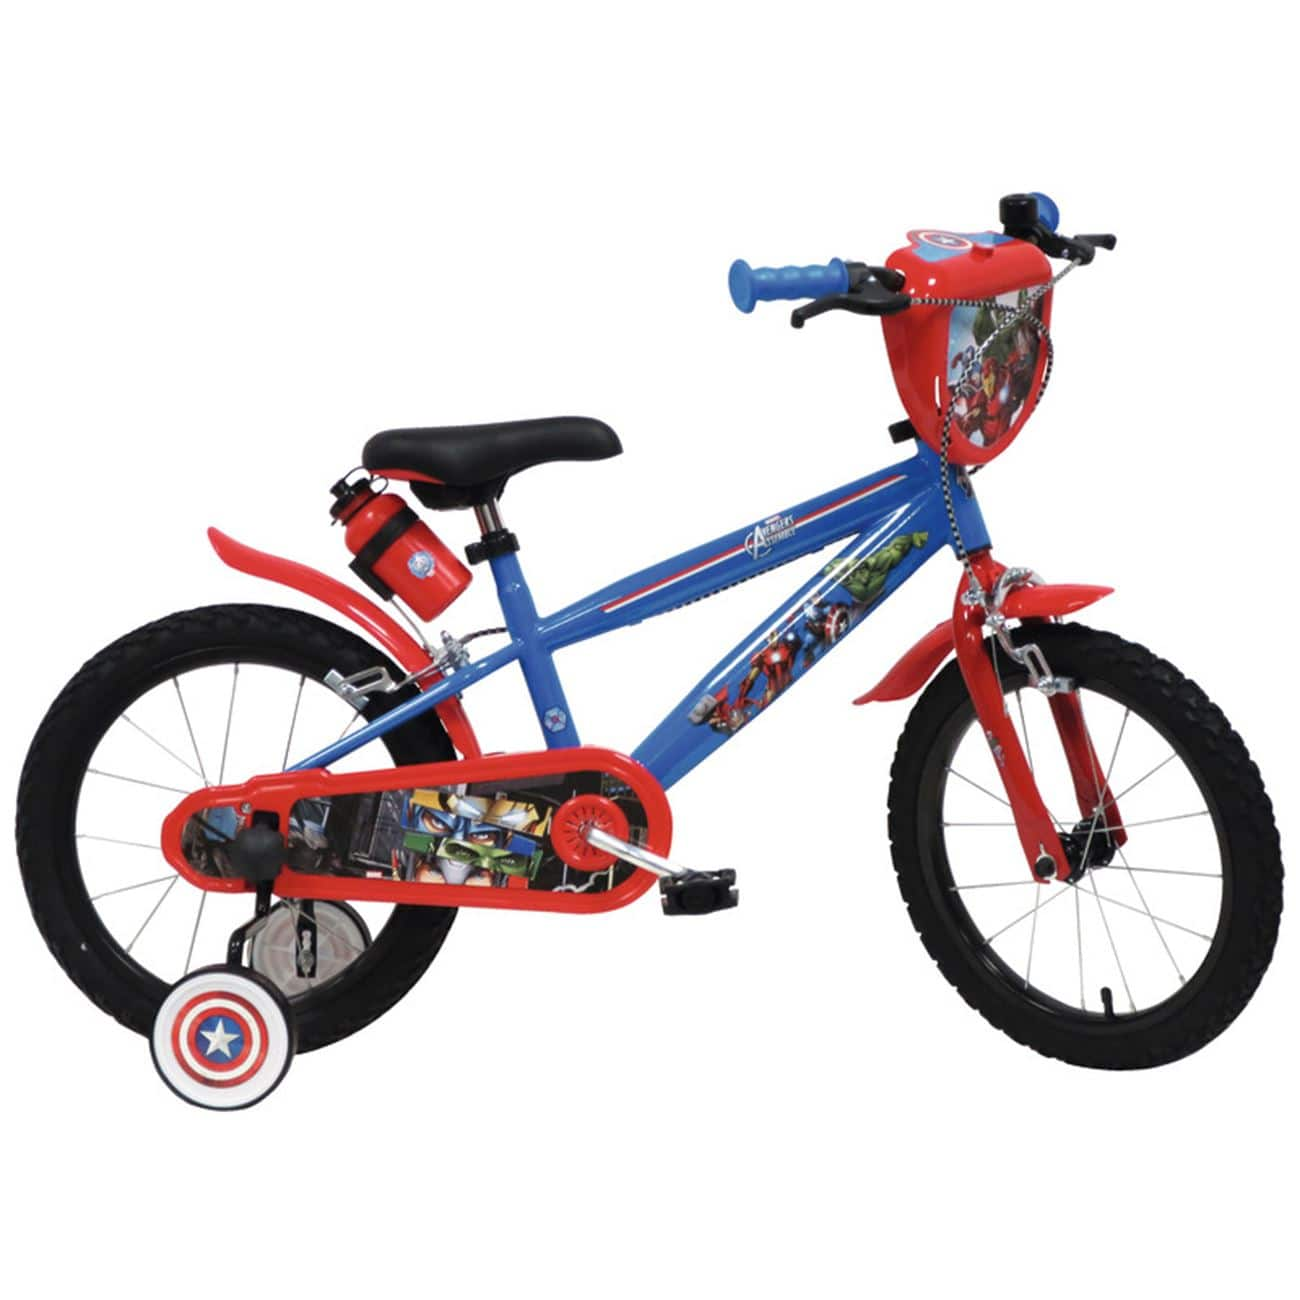 """Παιδικό Ποδήλατο Avengers 16"""" Mbm - Ποδήλατα"""